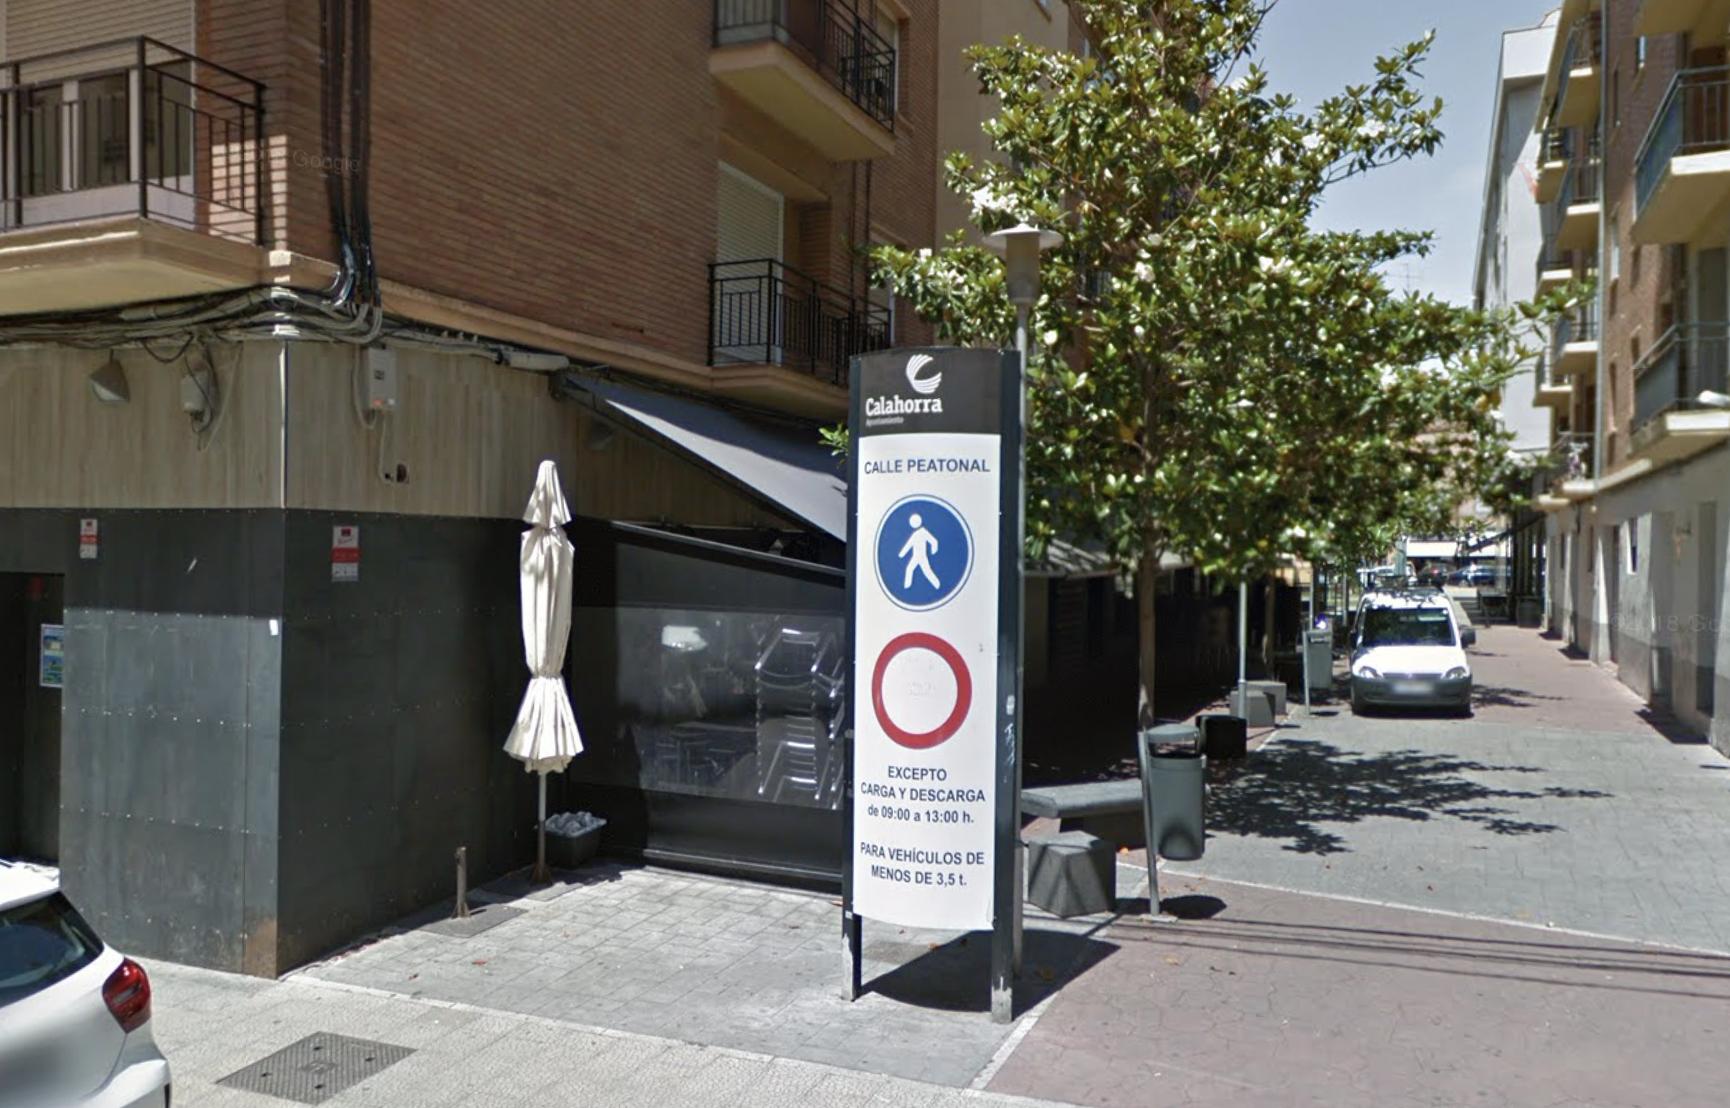 Los bares de ocio nocturno y discotecas podrán abrir a partir del lunes